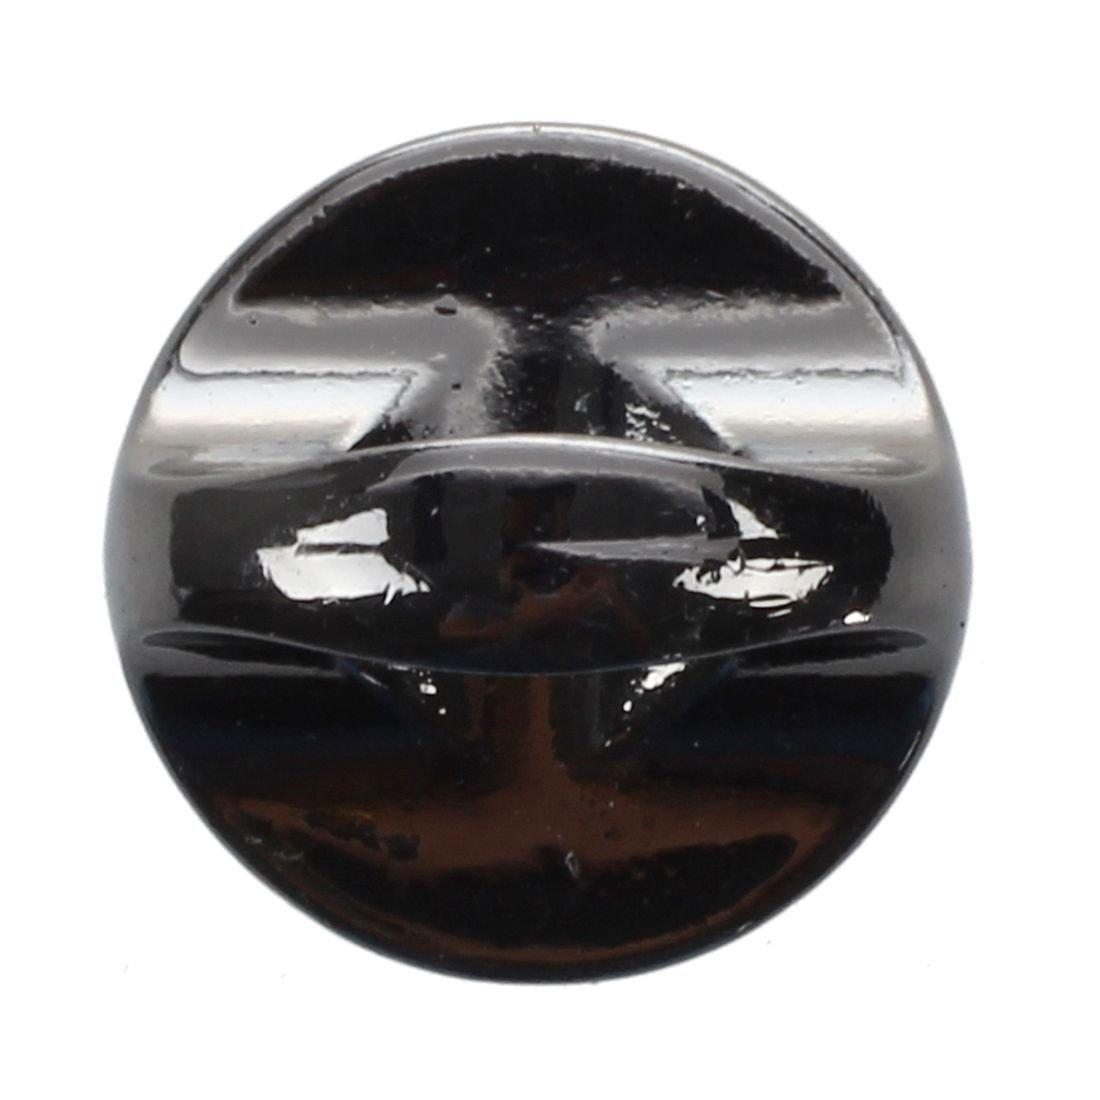 1//4 pollici camera Camera Vite Adattatore Vite per la cinghia della fotocamera che trasporta la cinghia del petto della cinghia R SODIAL